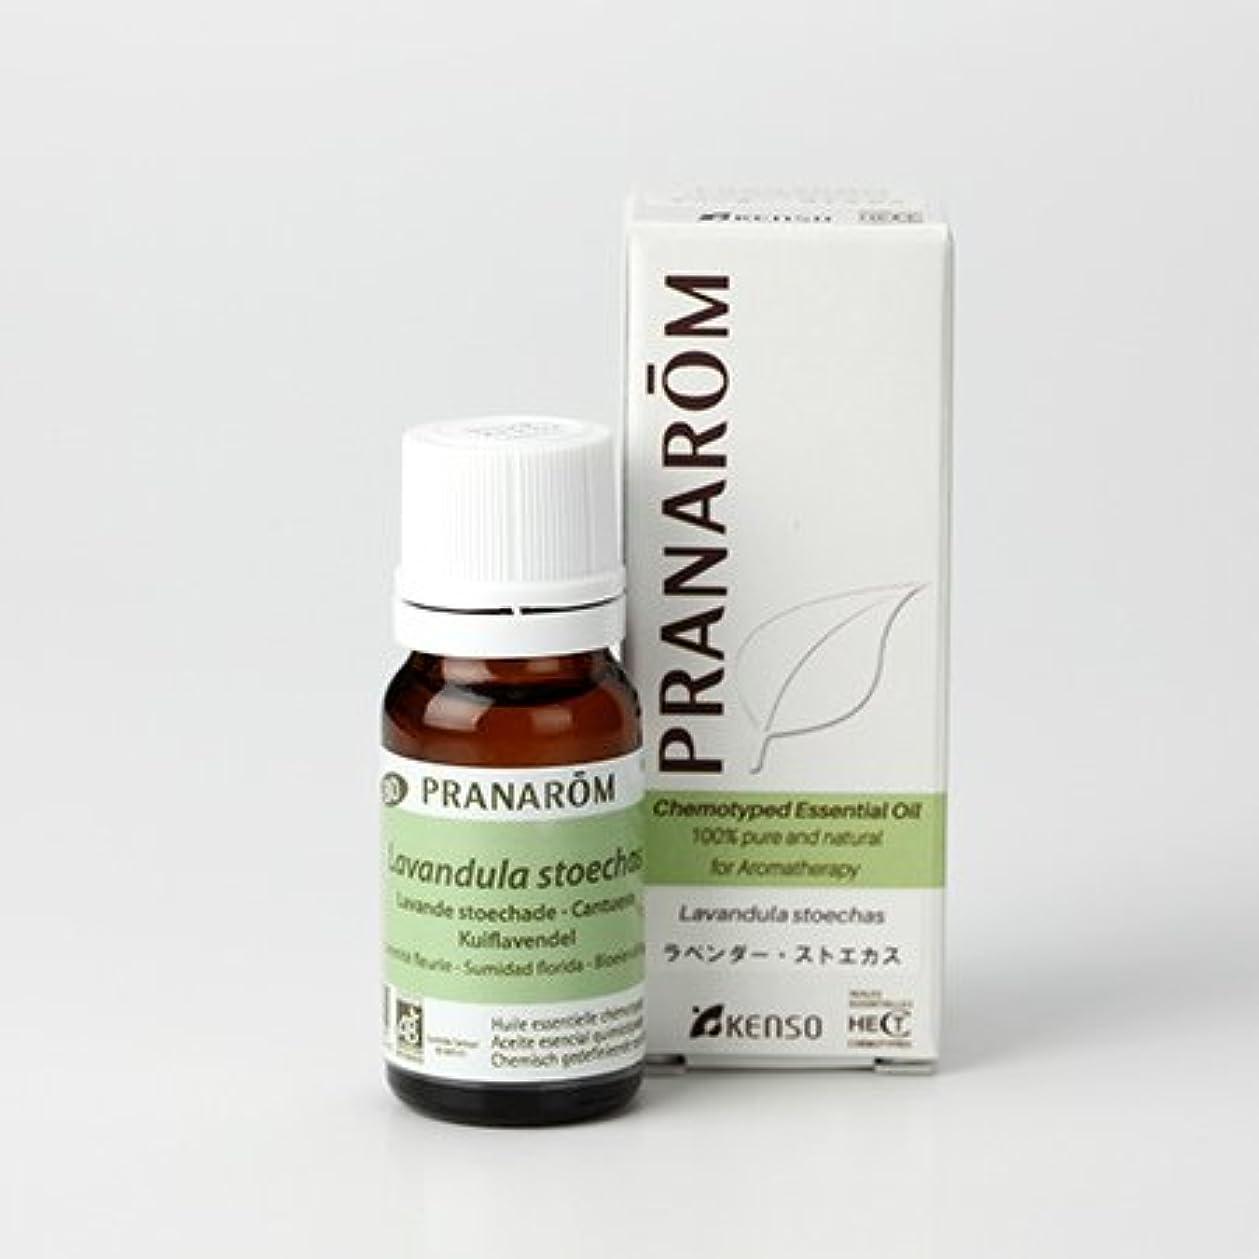 鼻身元著名なプラナロム ラベンダーストエカス 10ml (PRANAROM ケモタイプ精油)